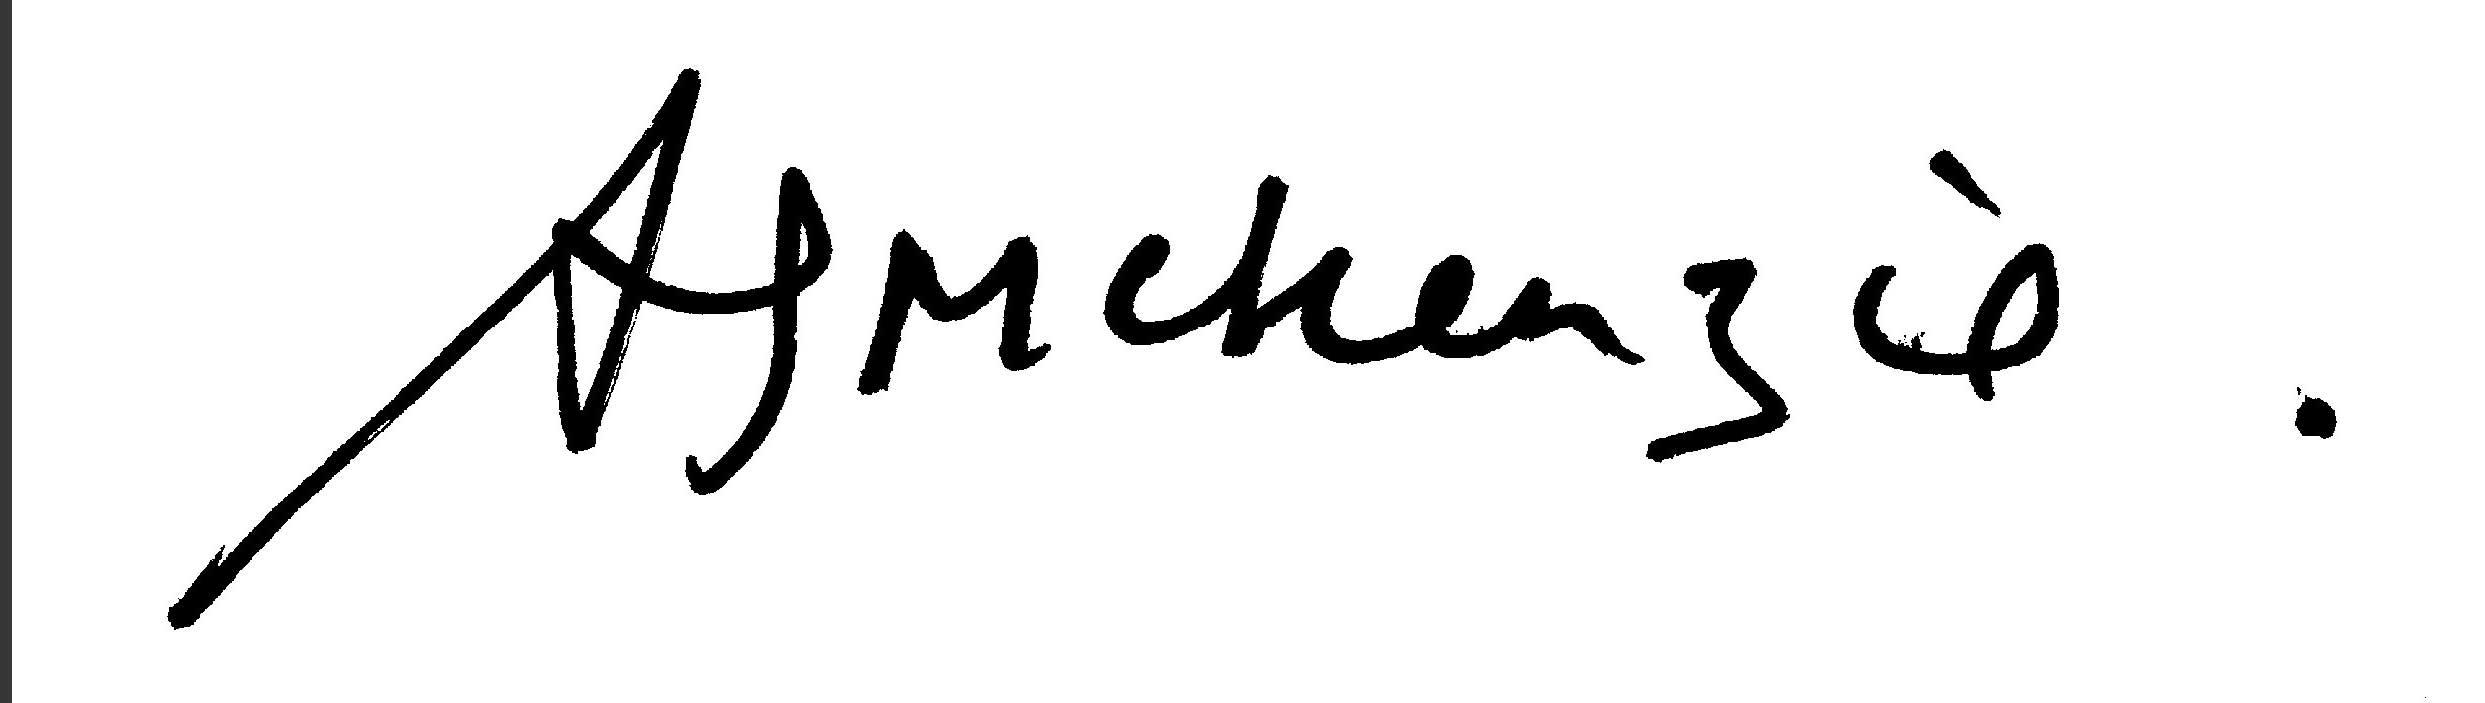 angie Mckenzie Signature